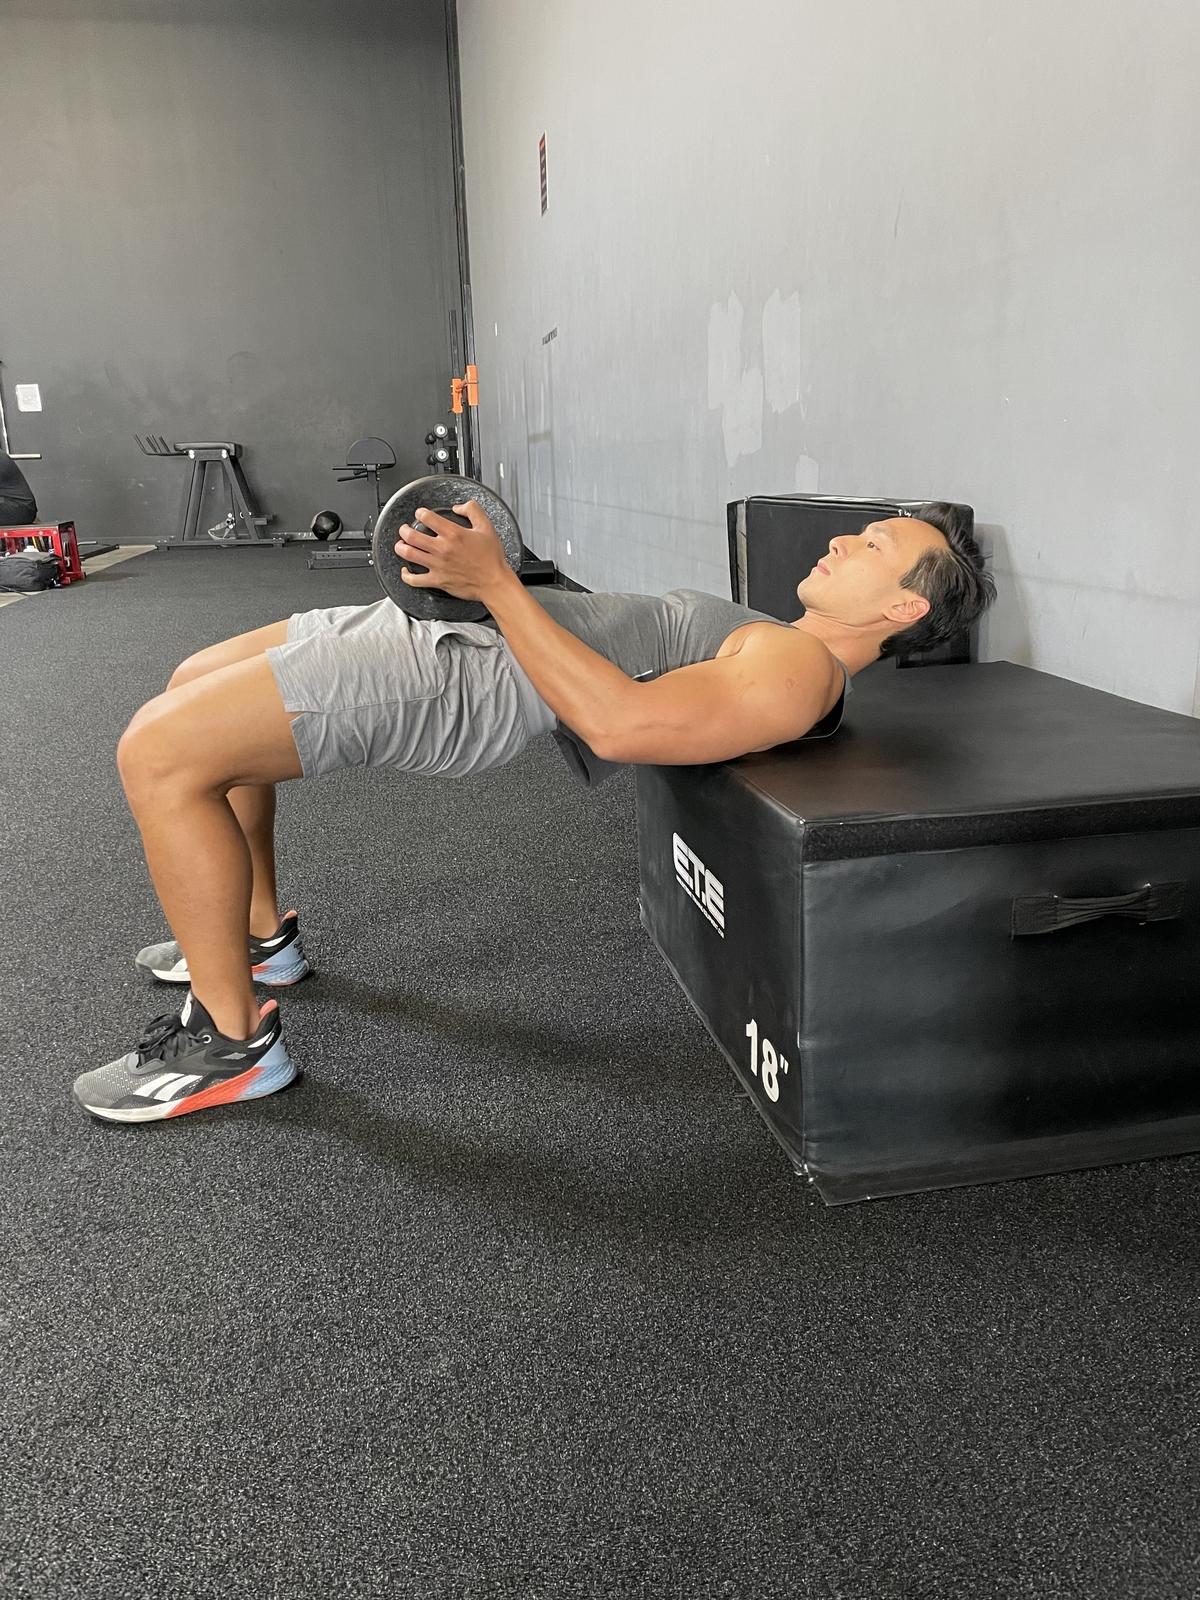 8 - dumbbell hip thrust